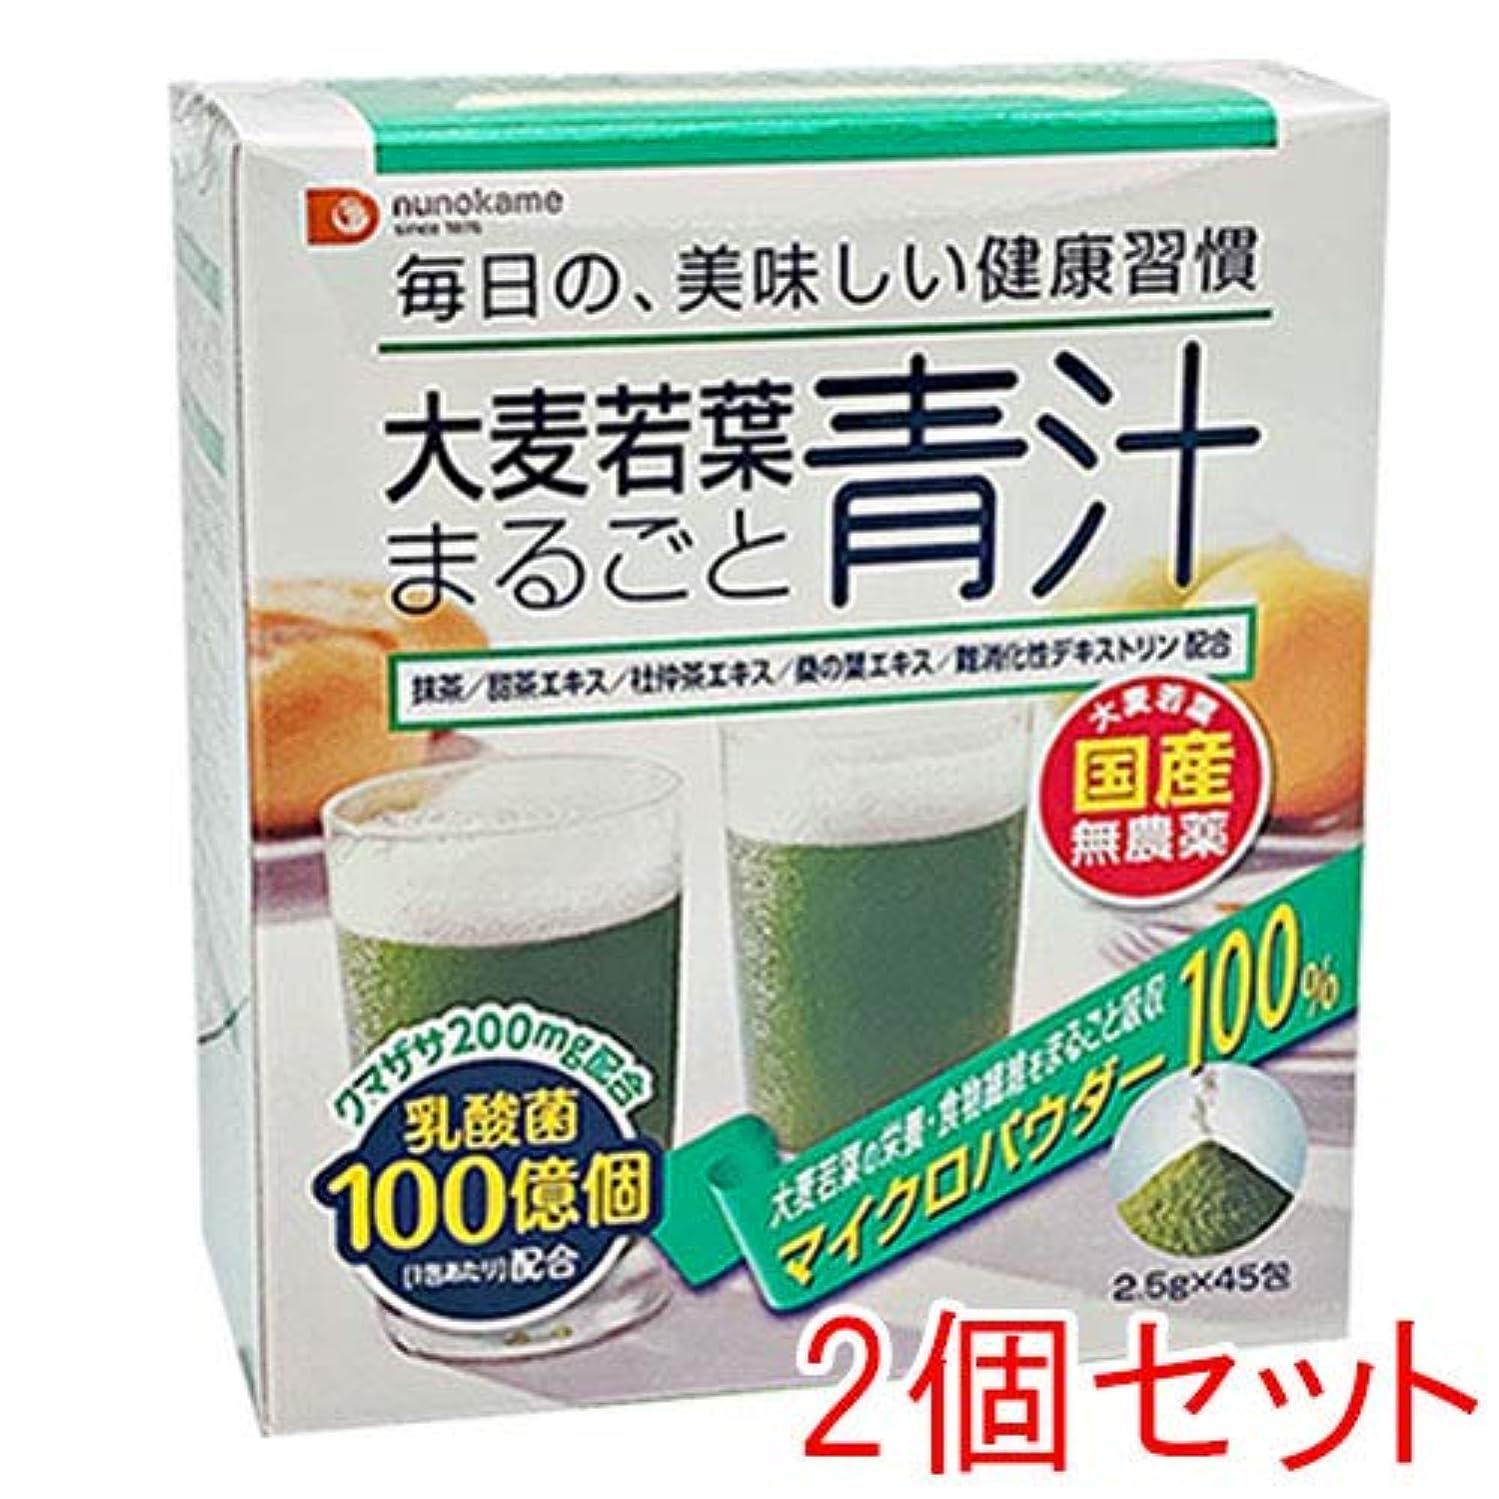 信仰実験良さ大麦若葉まるごと青汁【2個セット】 2.5g×45包×2